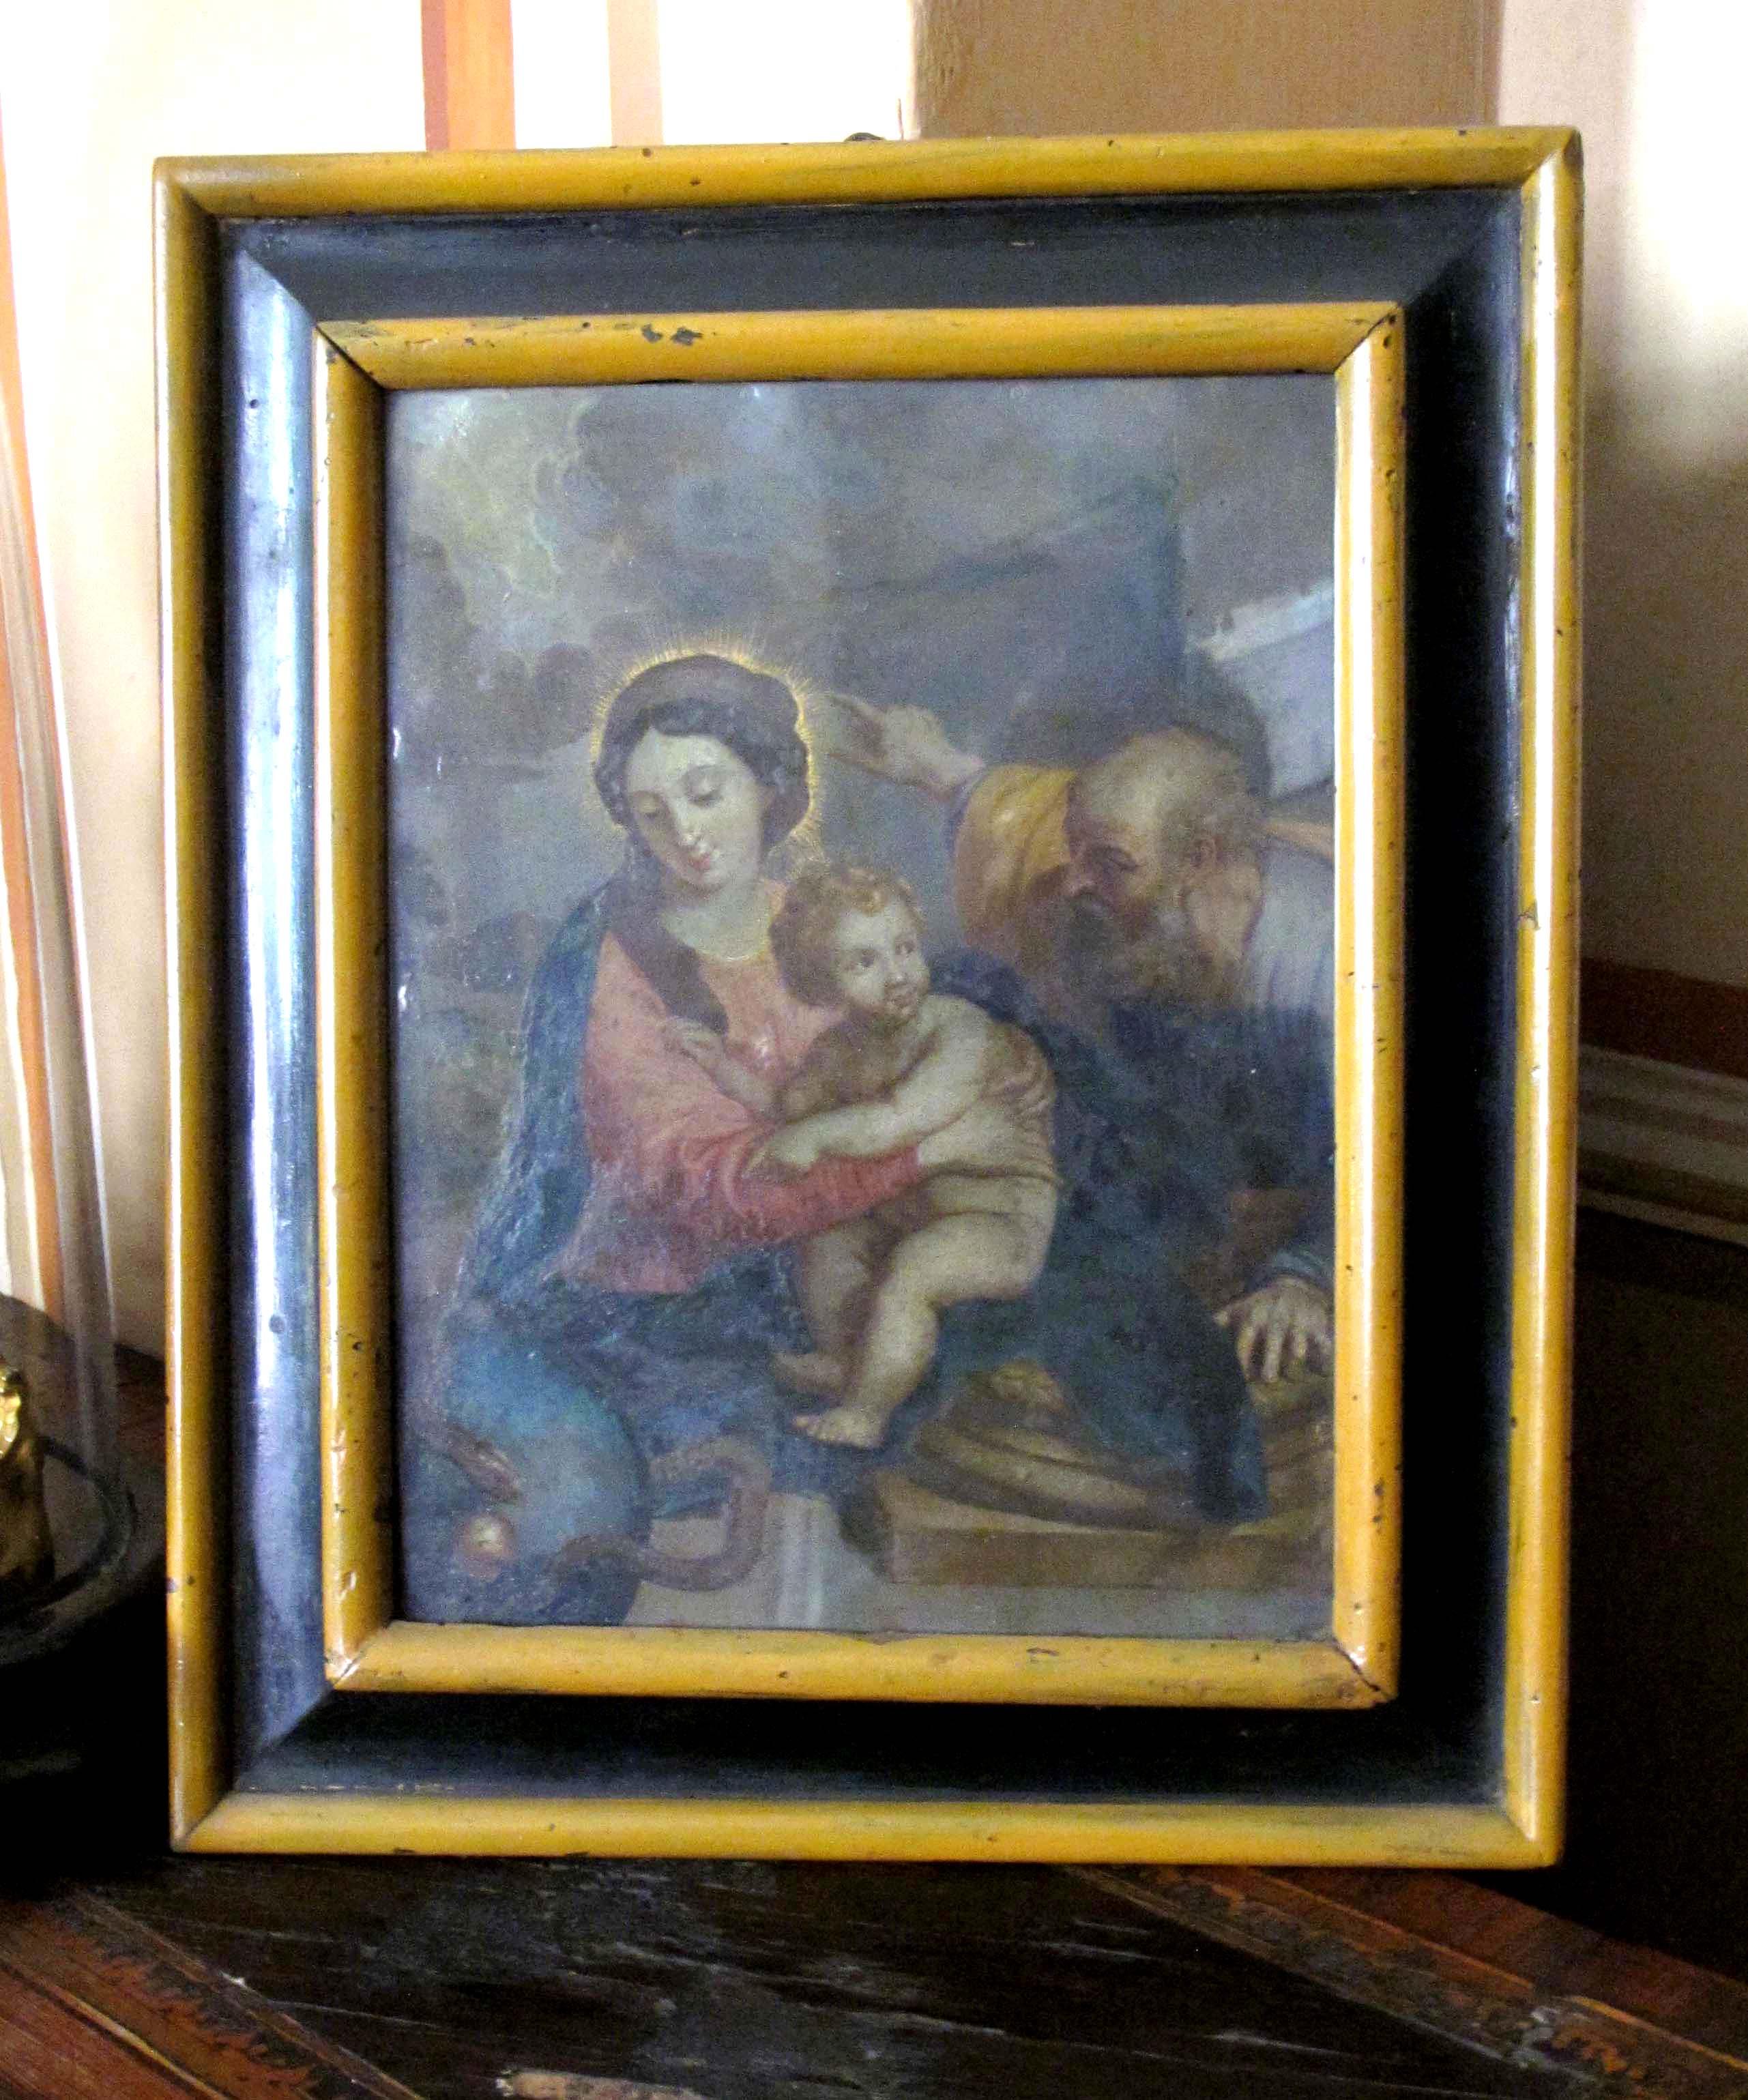 IGNOTO AUTORE FIAMMINGO, Sacra Famiglia (seconda metà del sec. XVII)